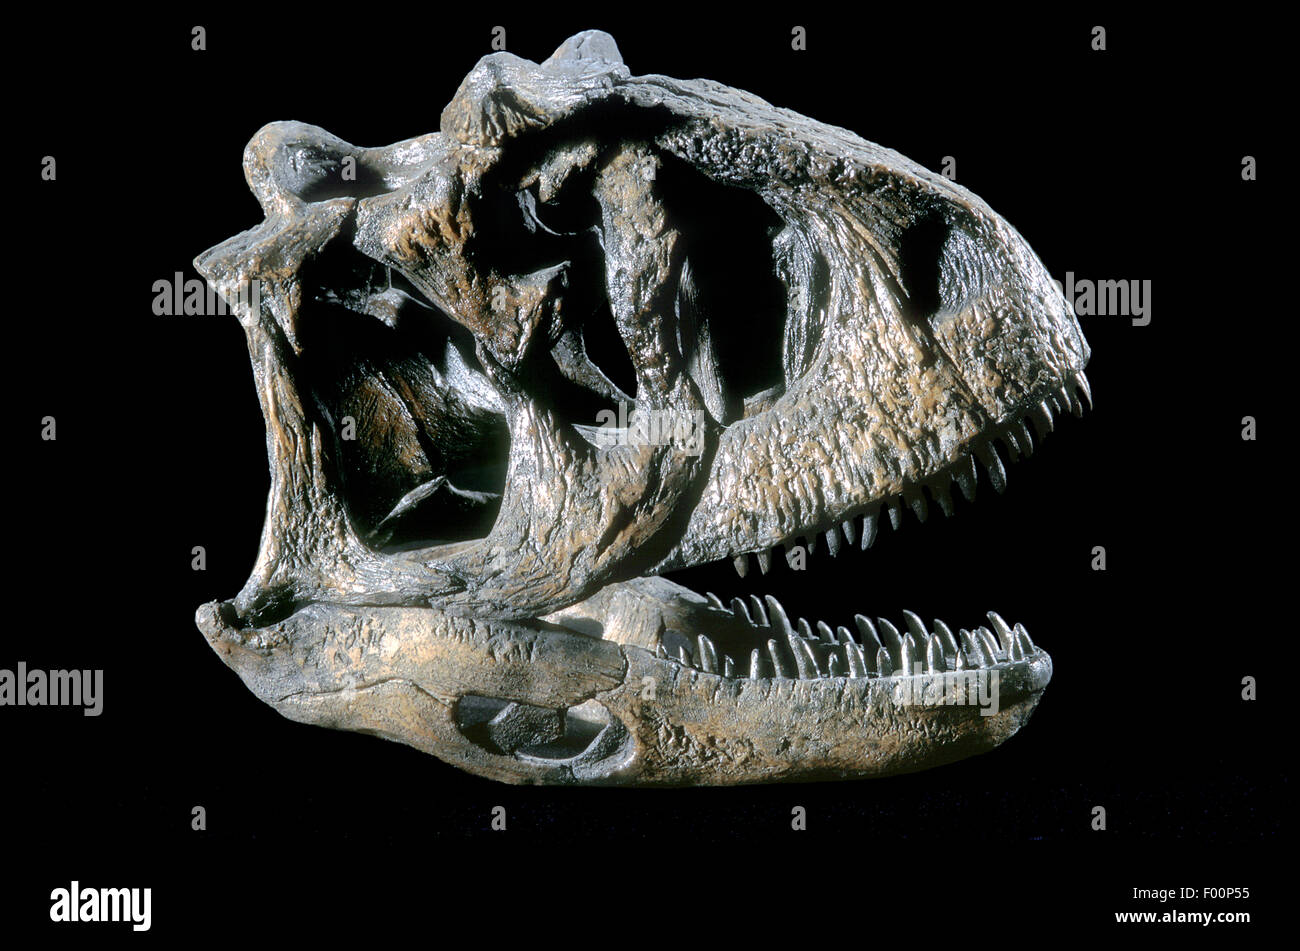 Carnotaurus sastrei, fósiles de dinosaurios del Cretáceo temprano, Patagonia Imagen De Stock